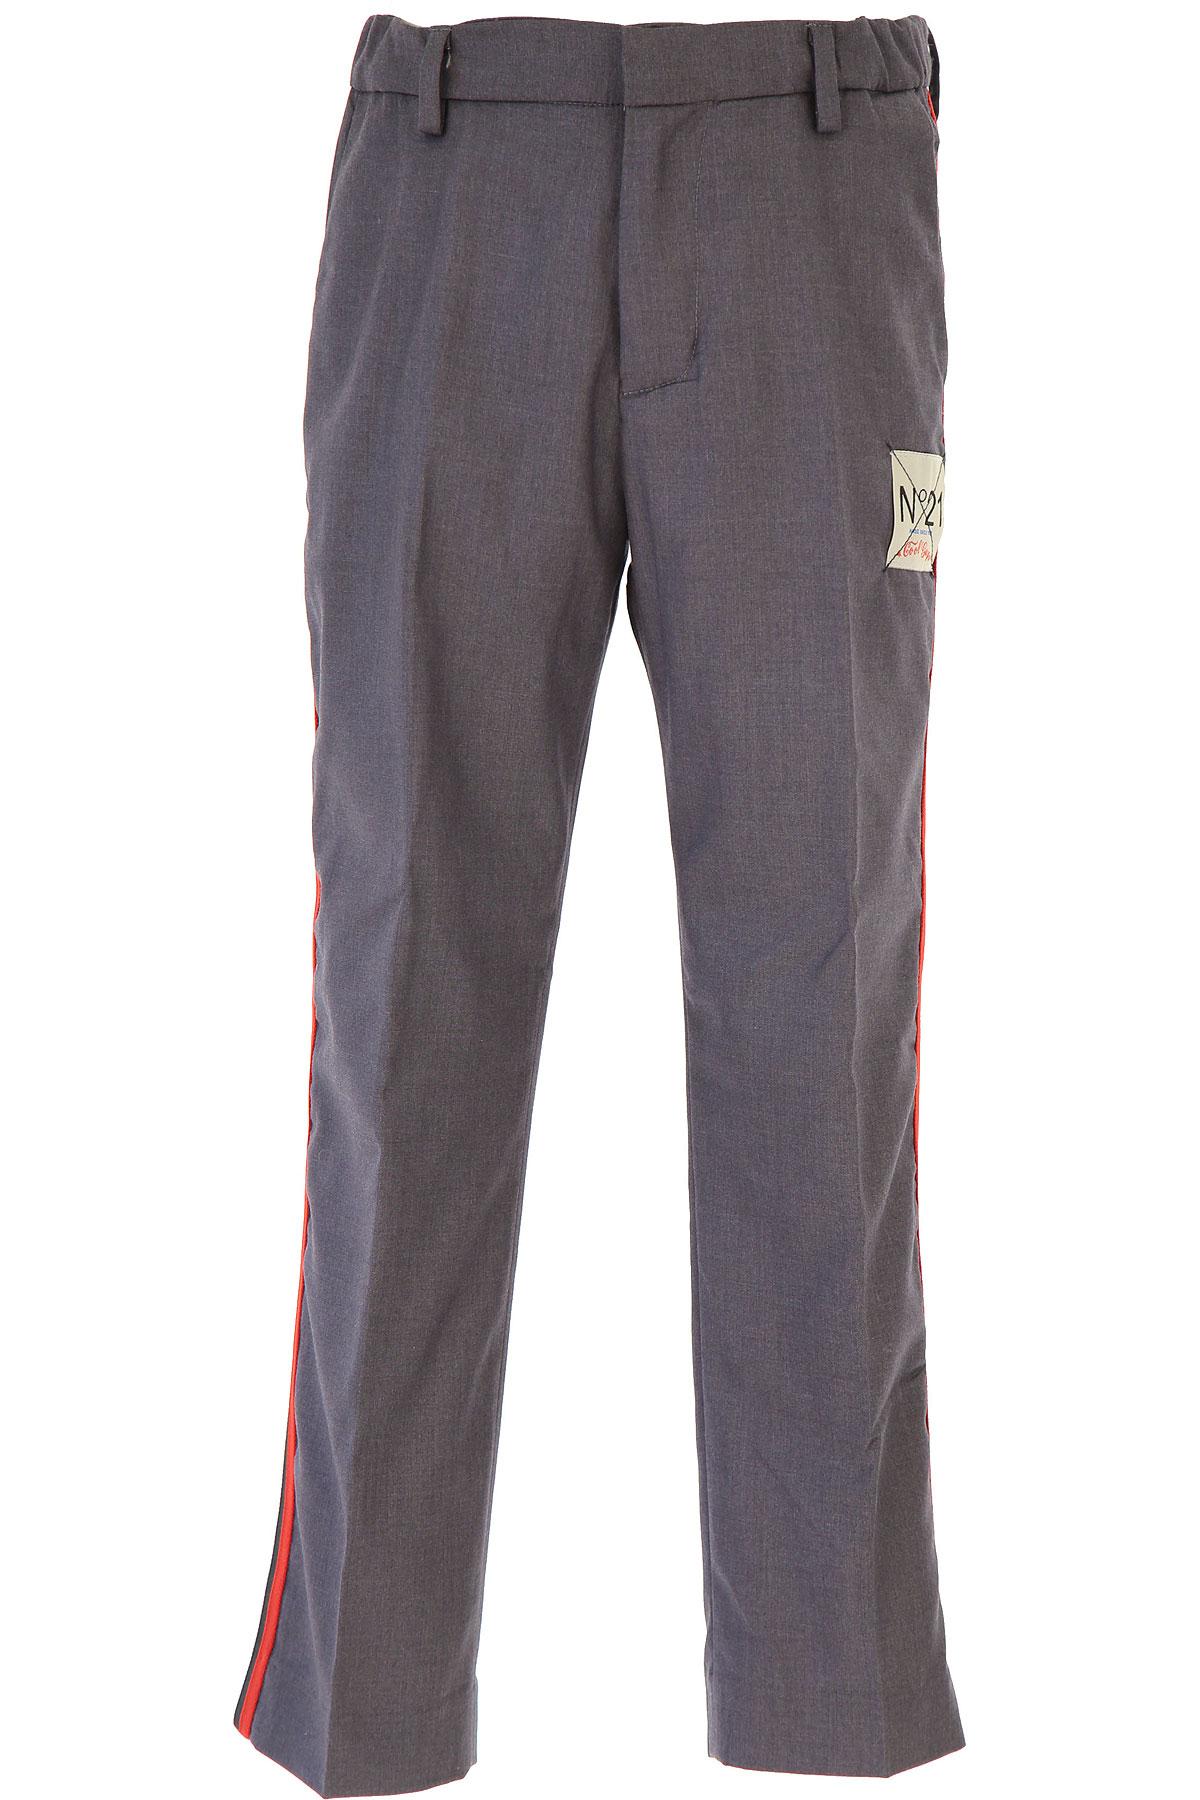 NO 21 Kids Pants for Boys On Sale, Dark Grey, polyester, 2019, 10Y 12Y 14Y 8Y